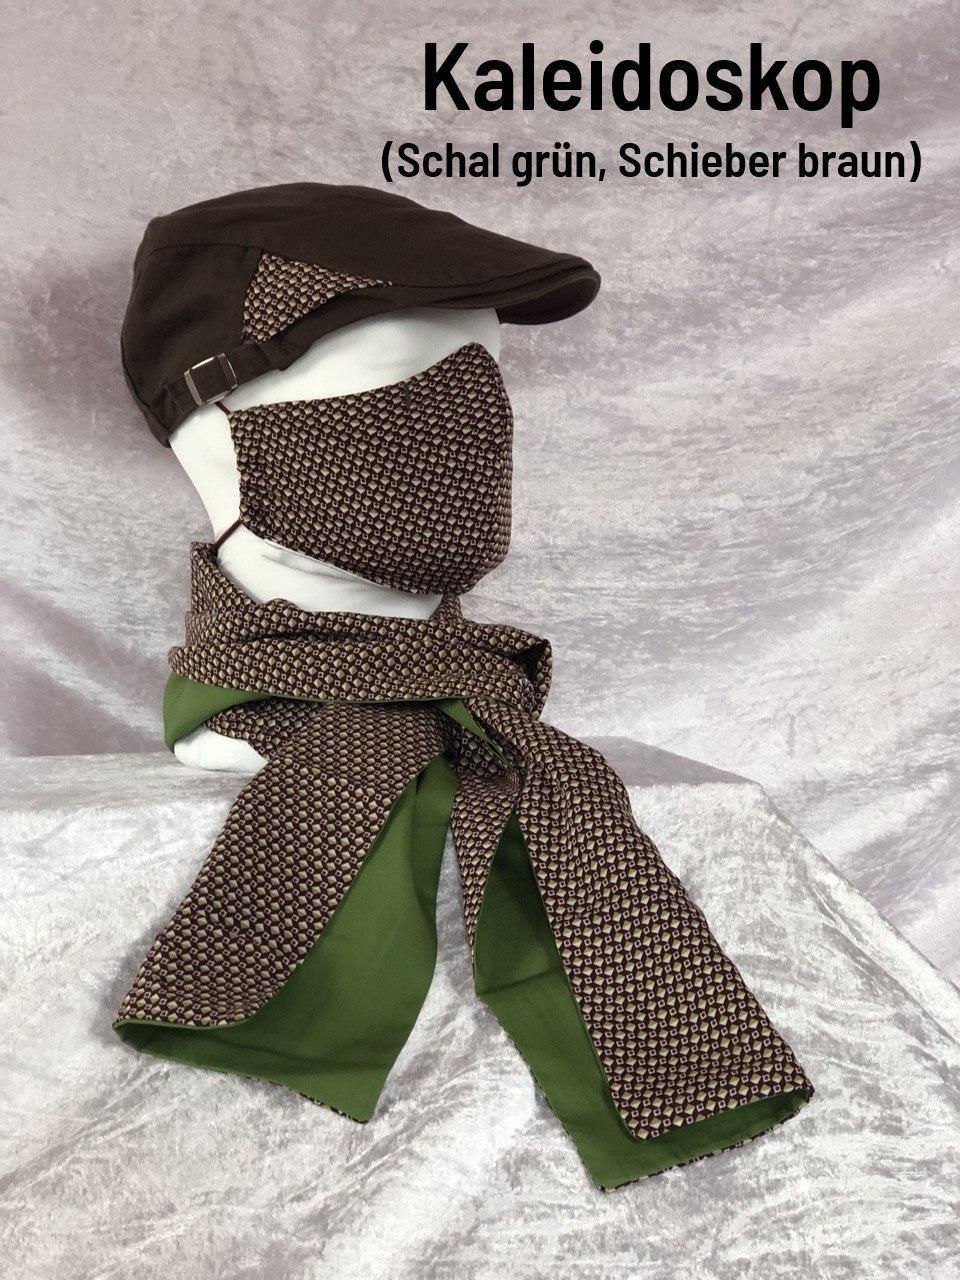 B6 - Maske + Schal grün + Schieber braun